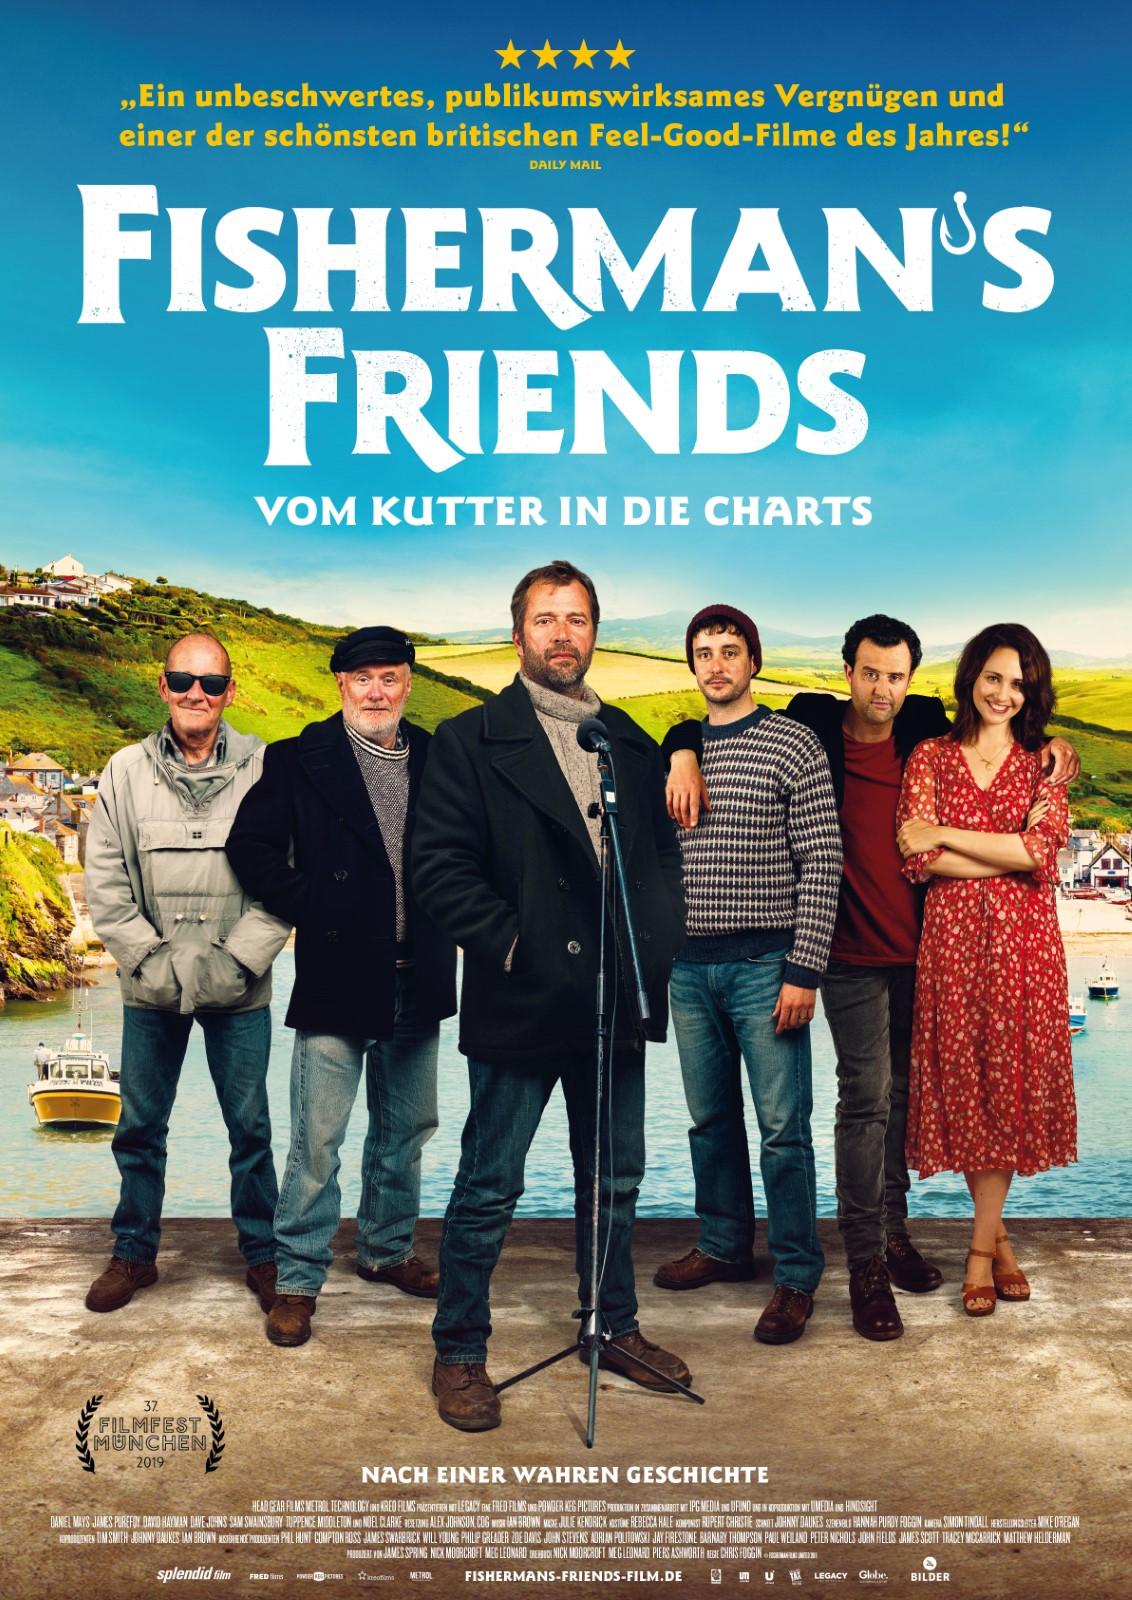 FishermanS Friends - Vom Kutter In Die Charts